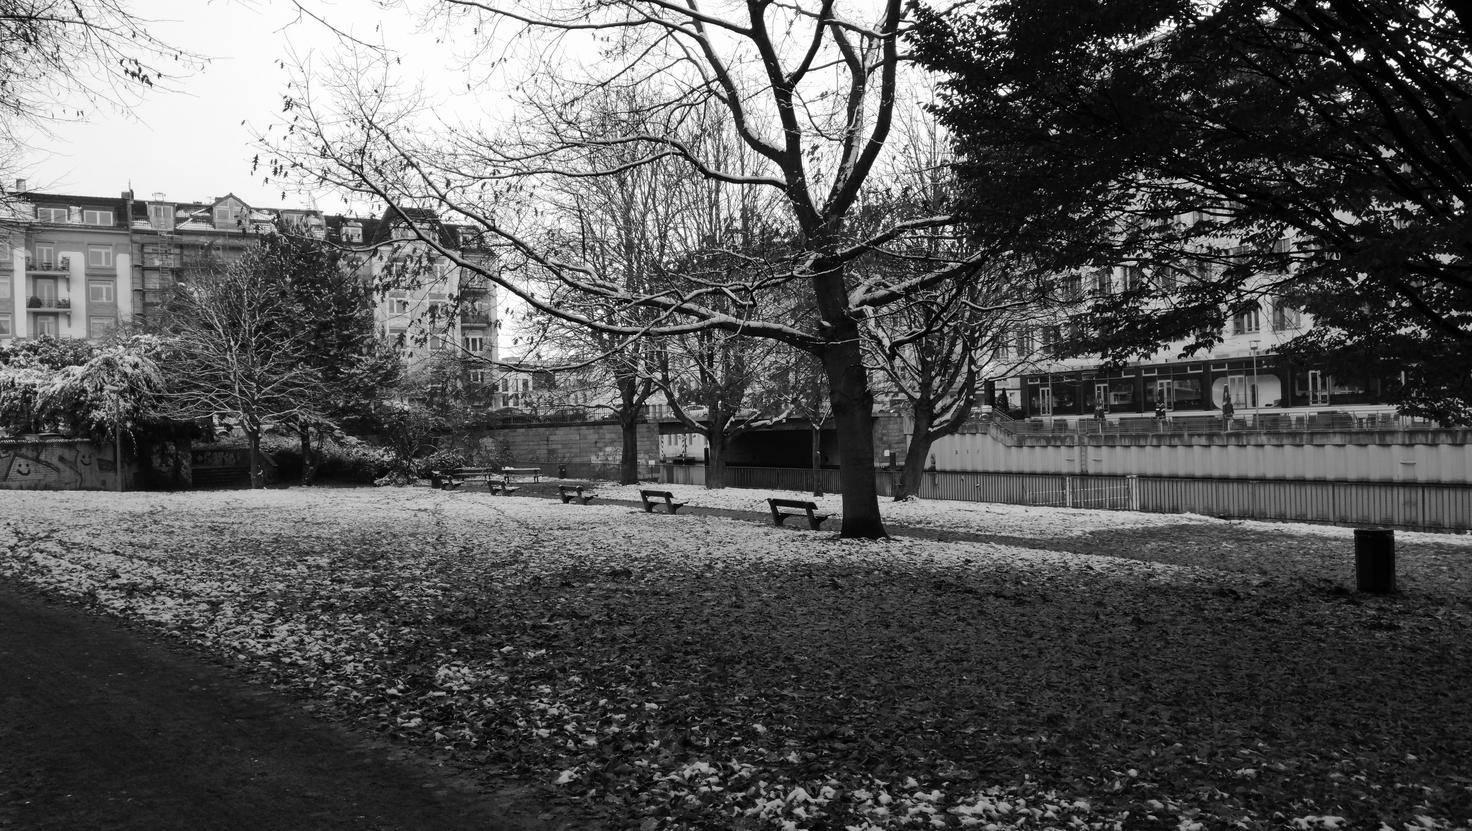 Die Schwarz-Weiß-Bilder haben einen gewissen Leica-Flair.